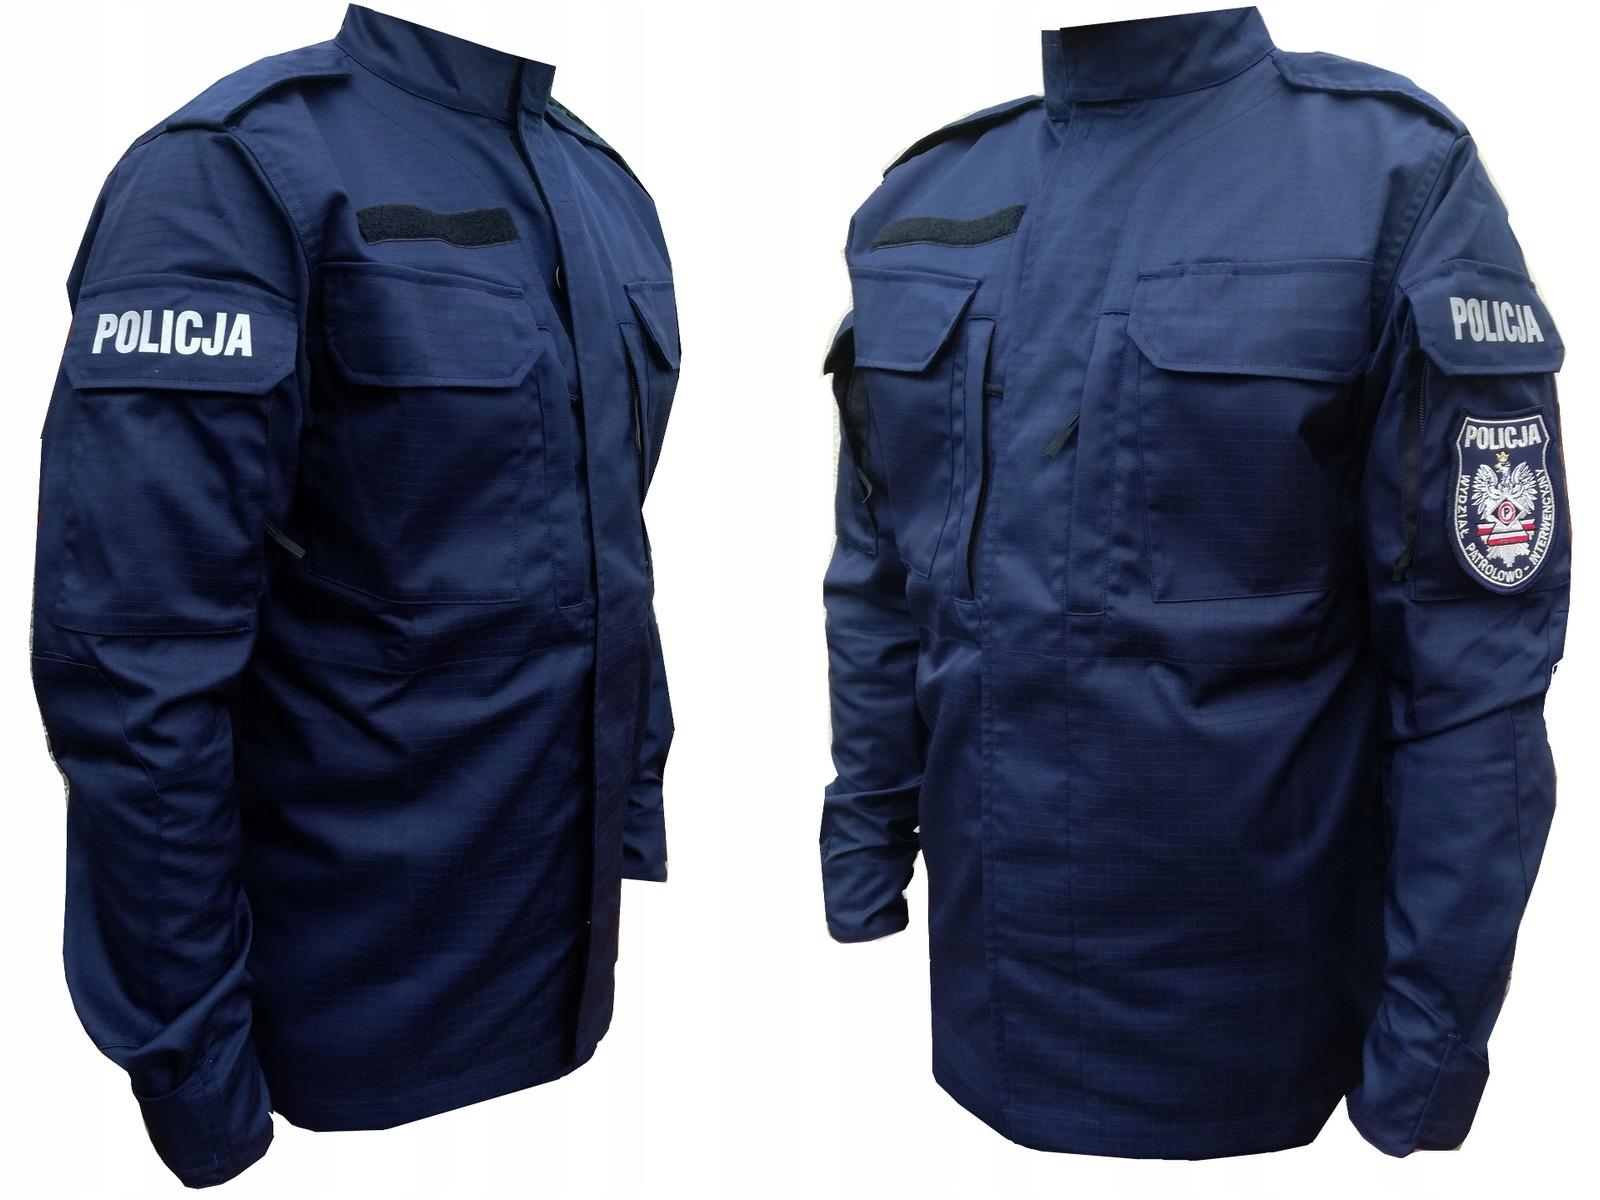 BLUZA do munduru ćwiczebnego POLICJI roz.128-184